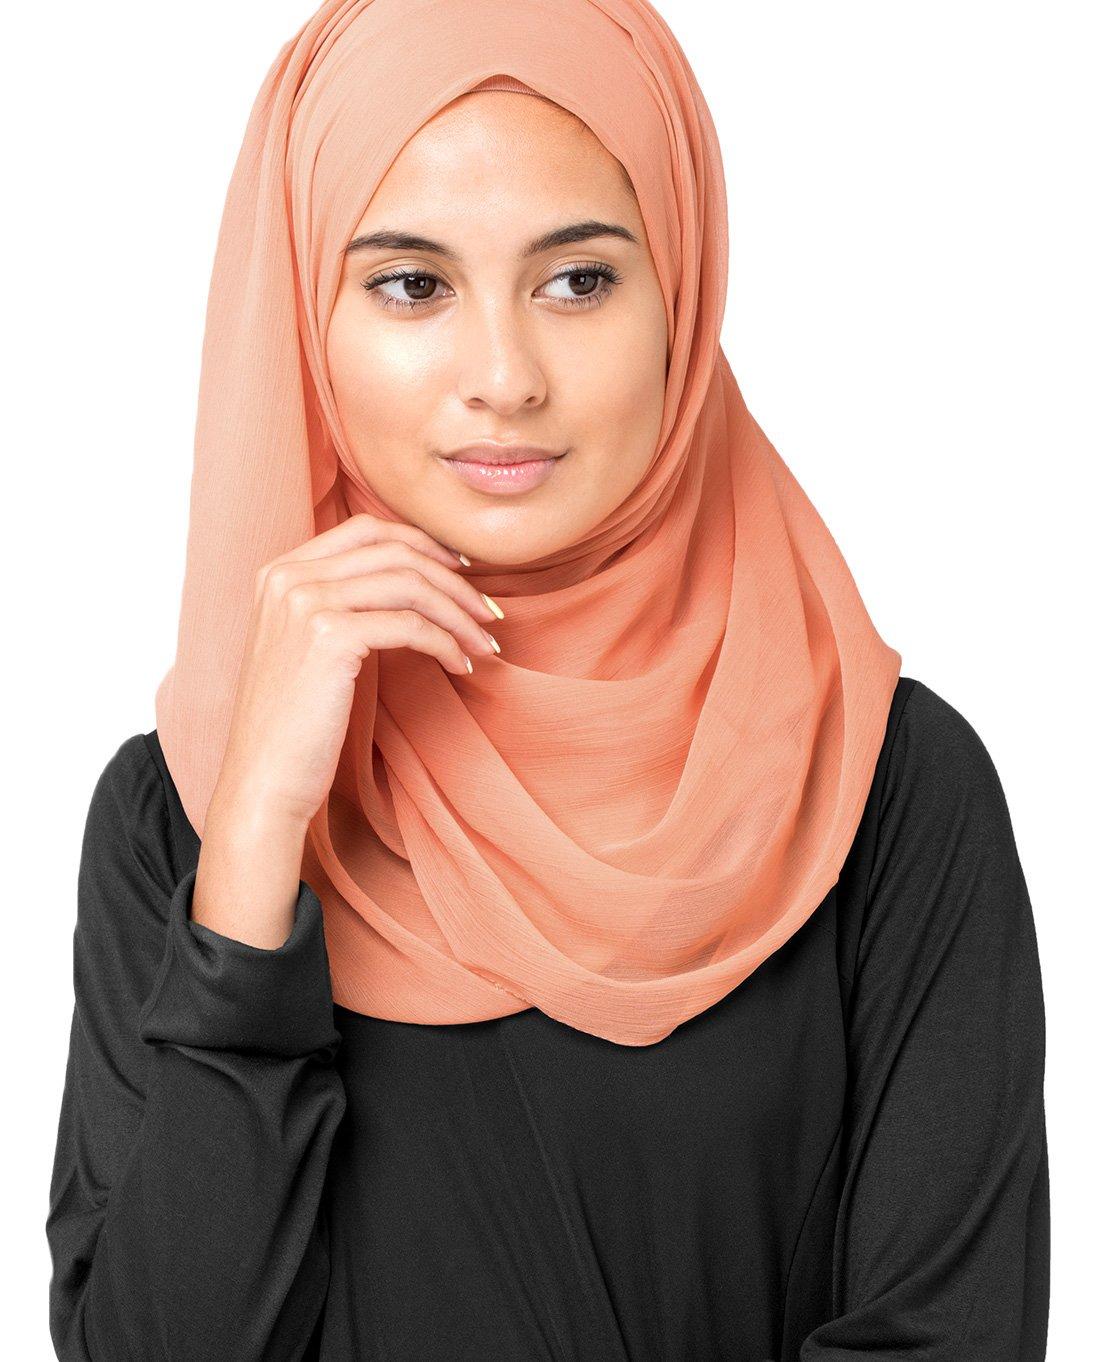 Inessence New Coral Polychiffon Scarf Ladies Wrap Maxi Size Hijab 2WHJIE01PC161519M